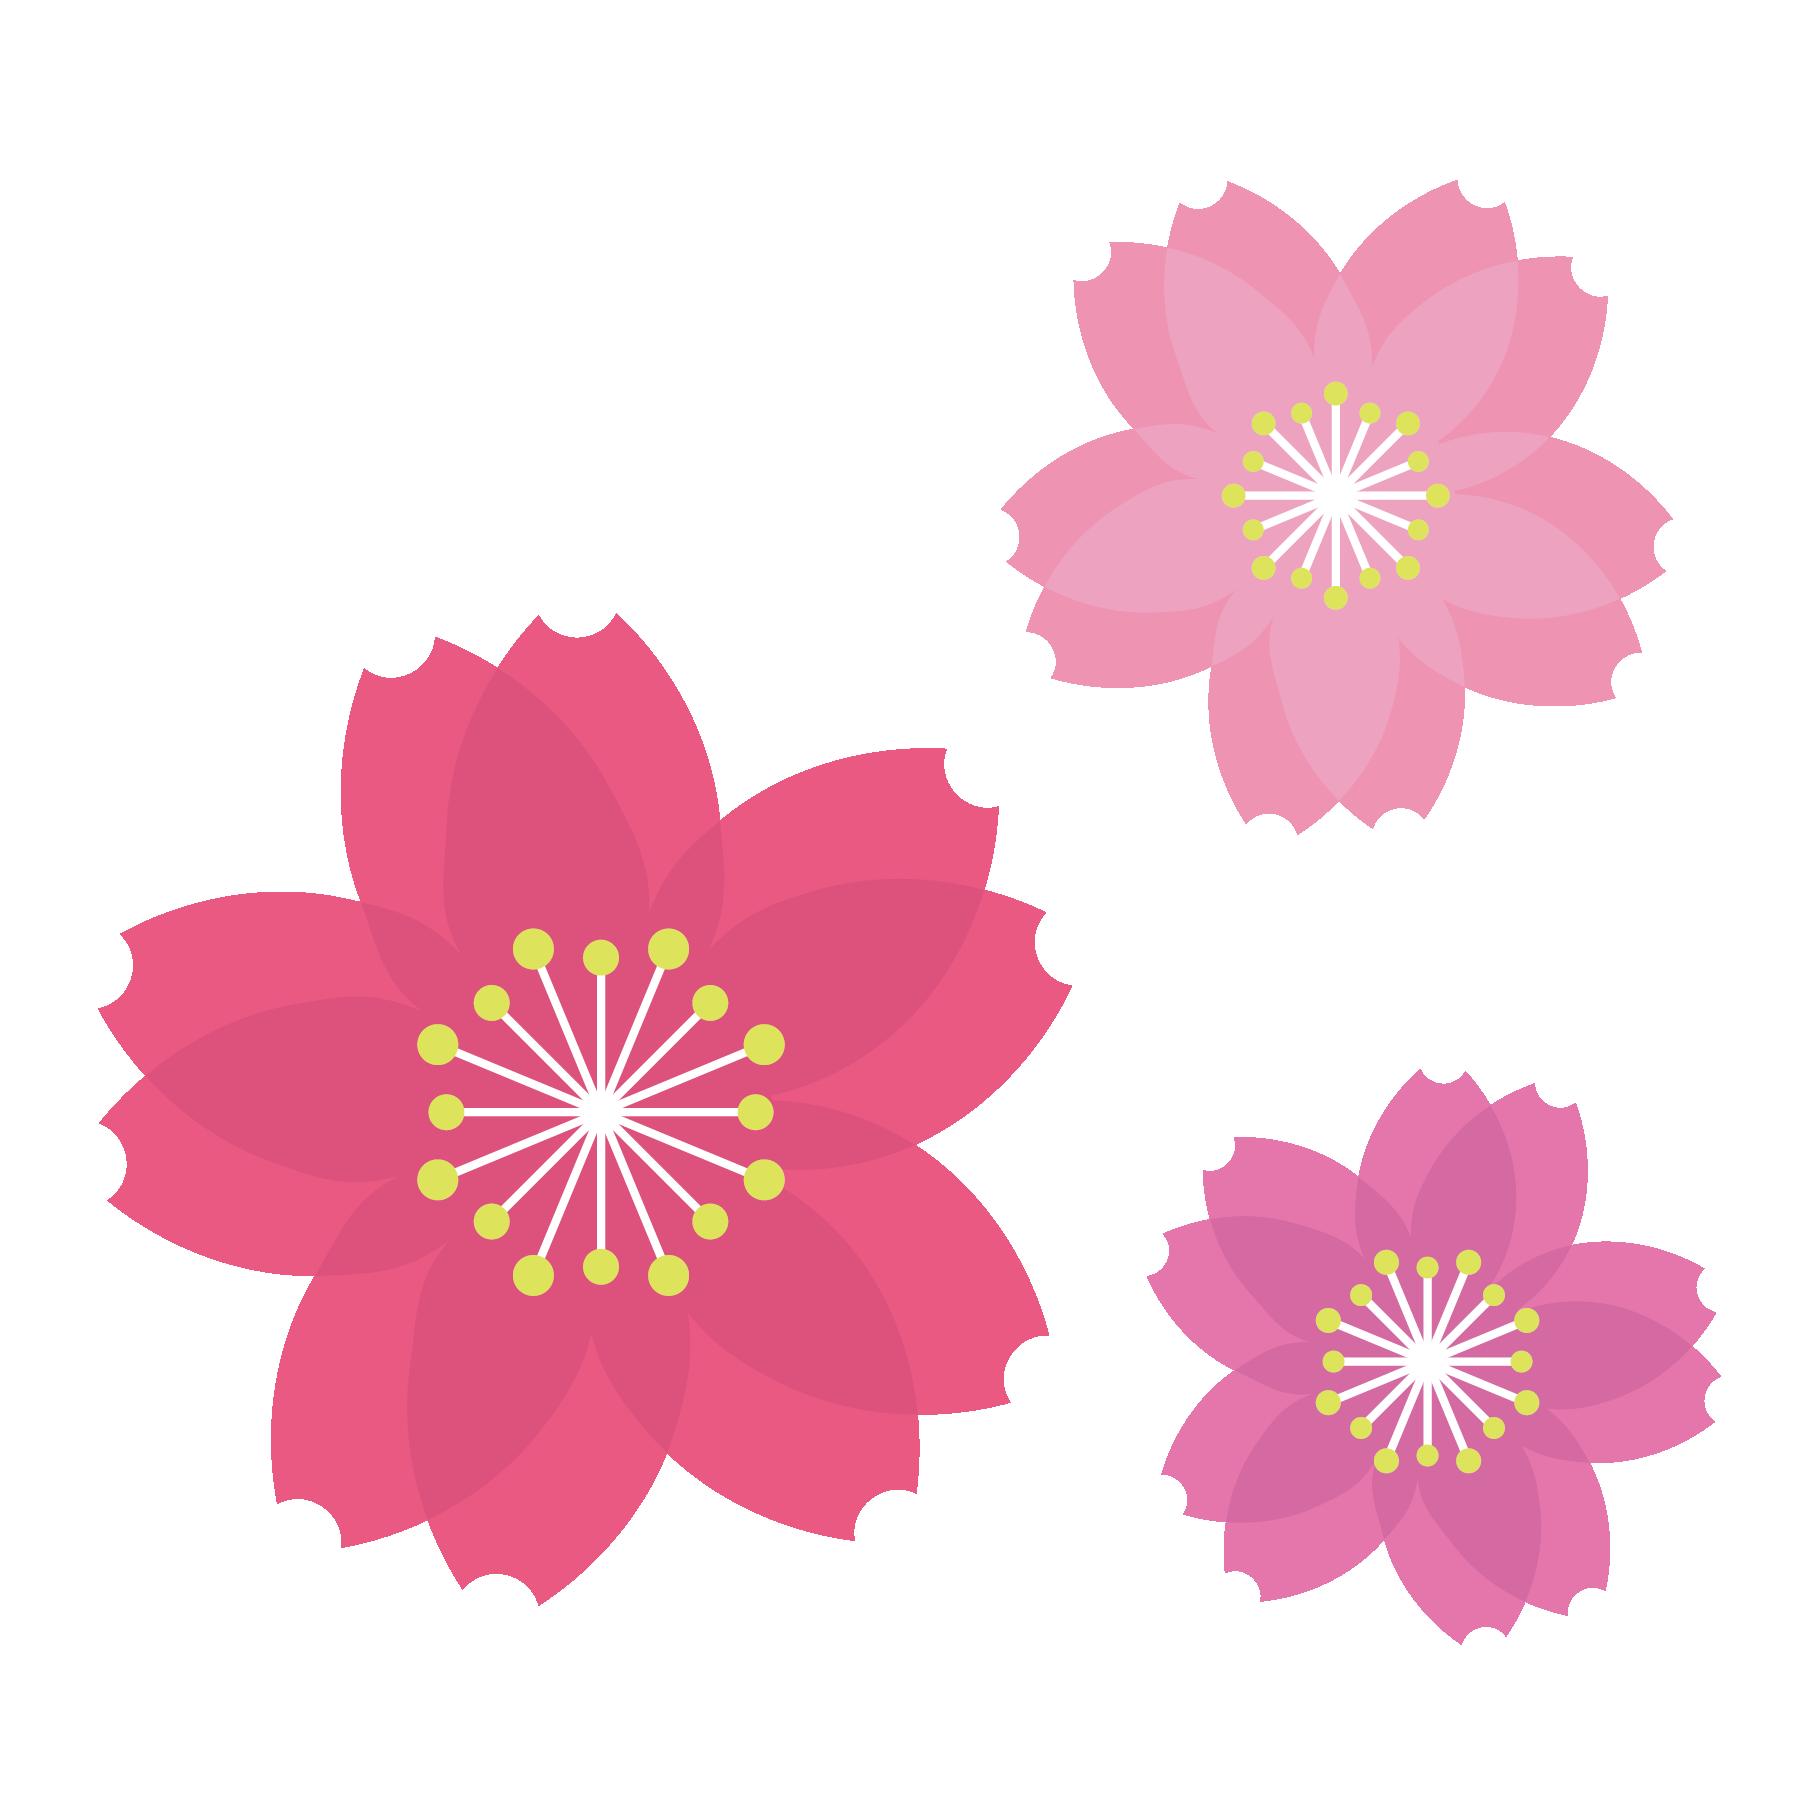 桜(サクラ)イラスト | 商用フリー(無料)のイラスト素材なら